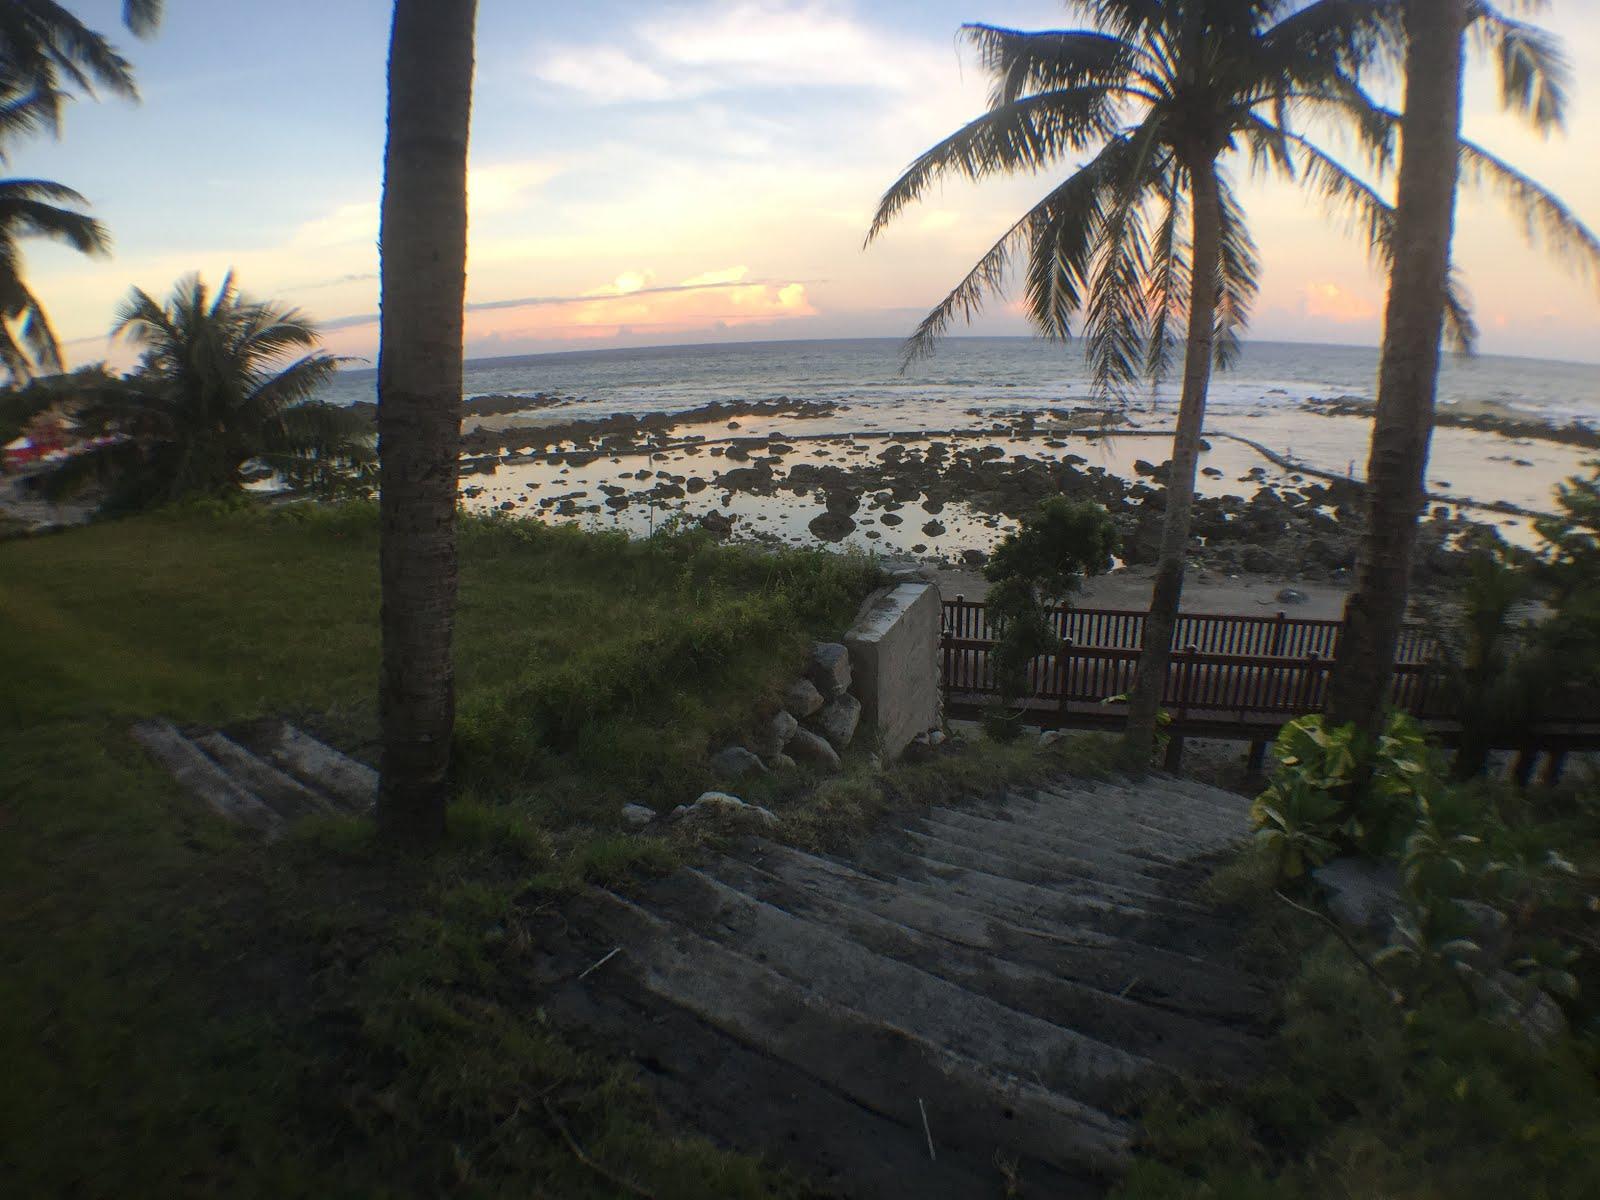 民宿木棧道銜接縣府的海岸步道